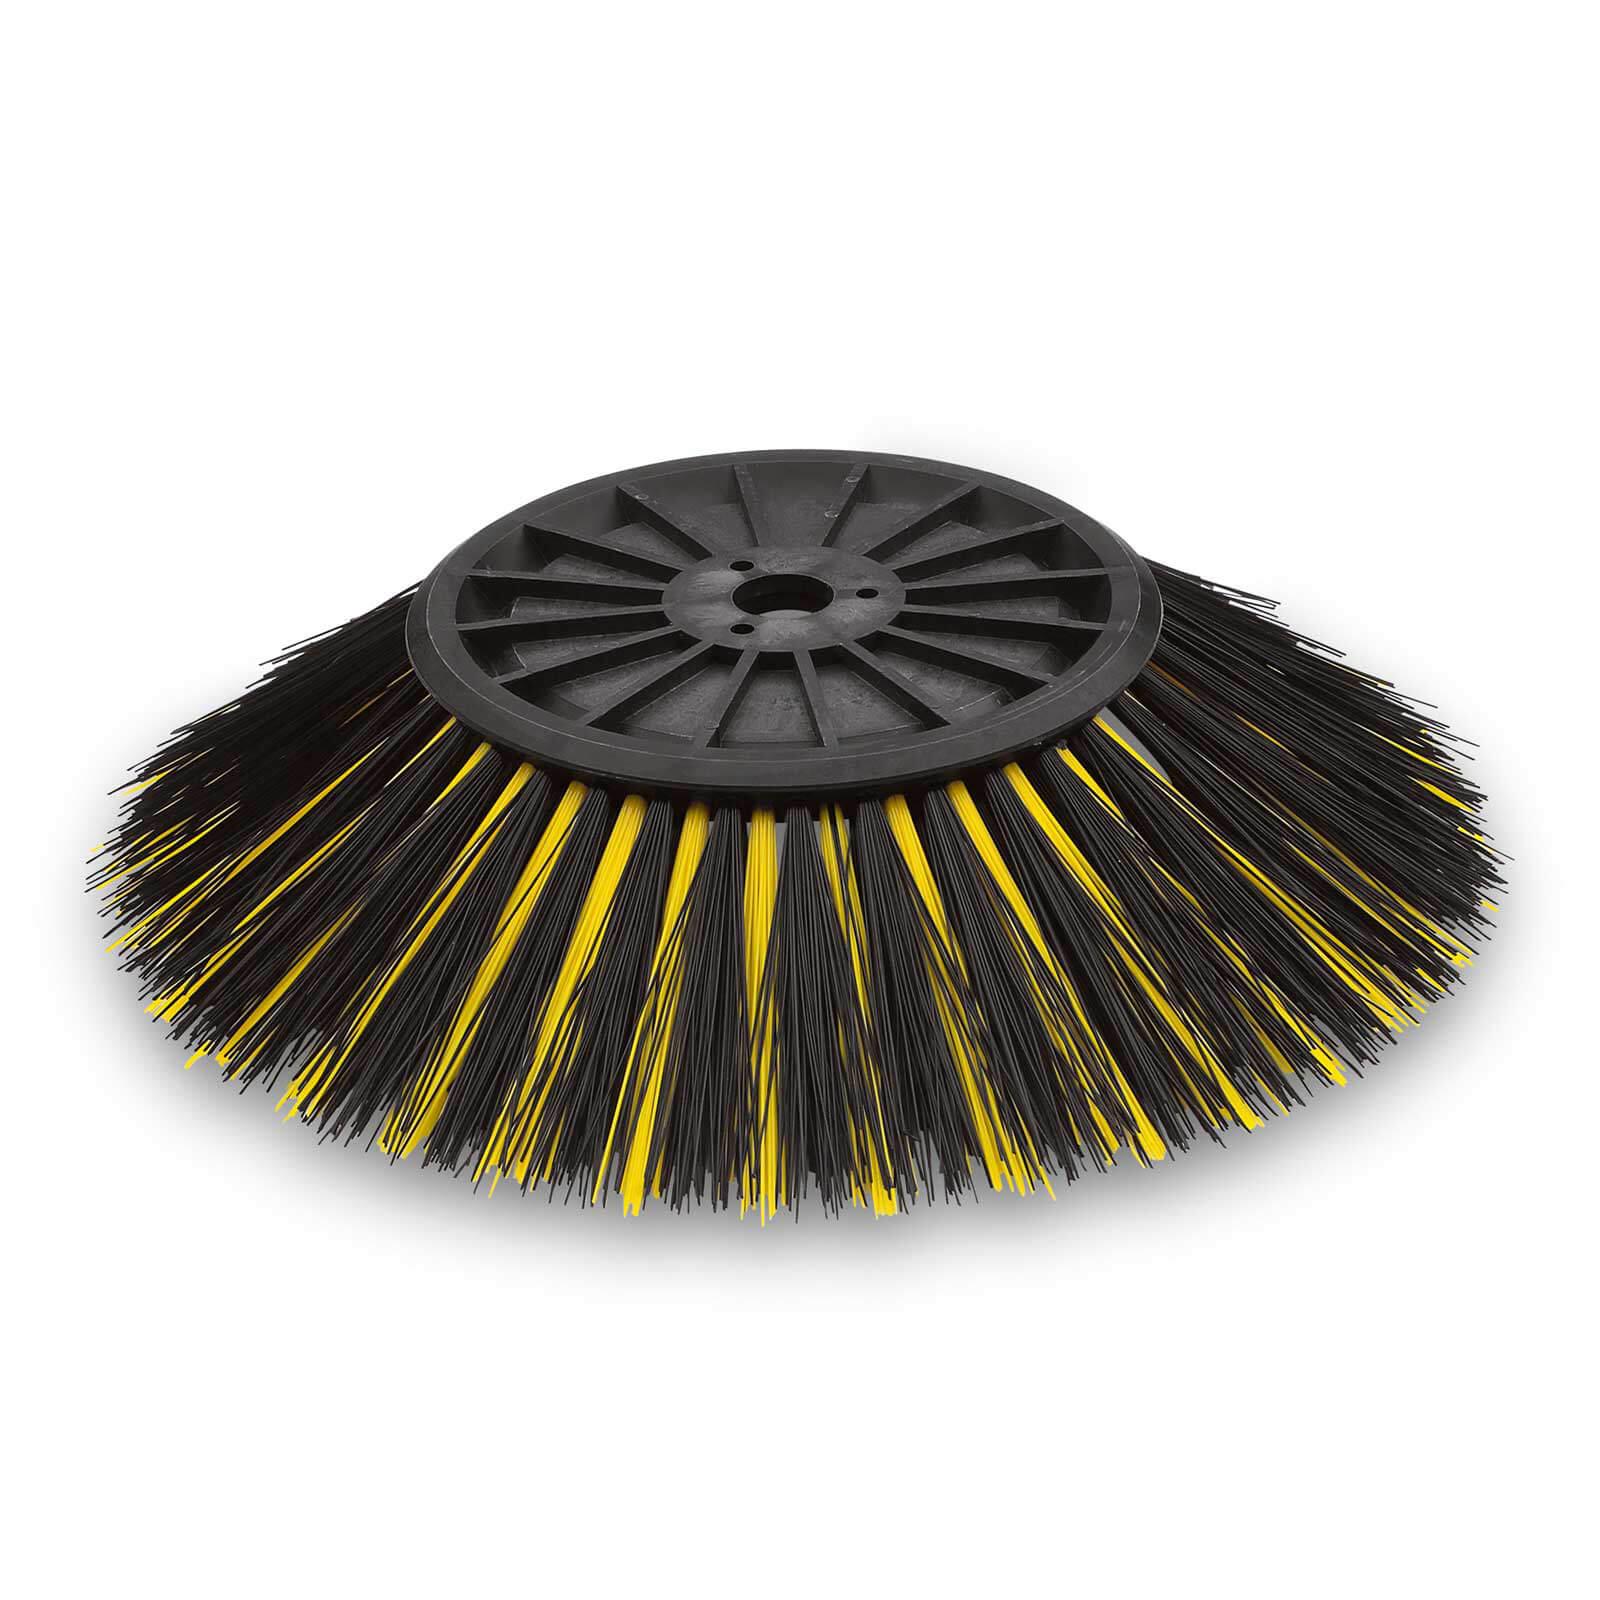 Karcher KM90/60 Side Broom Standard